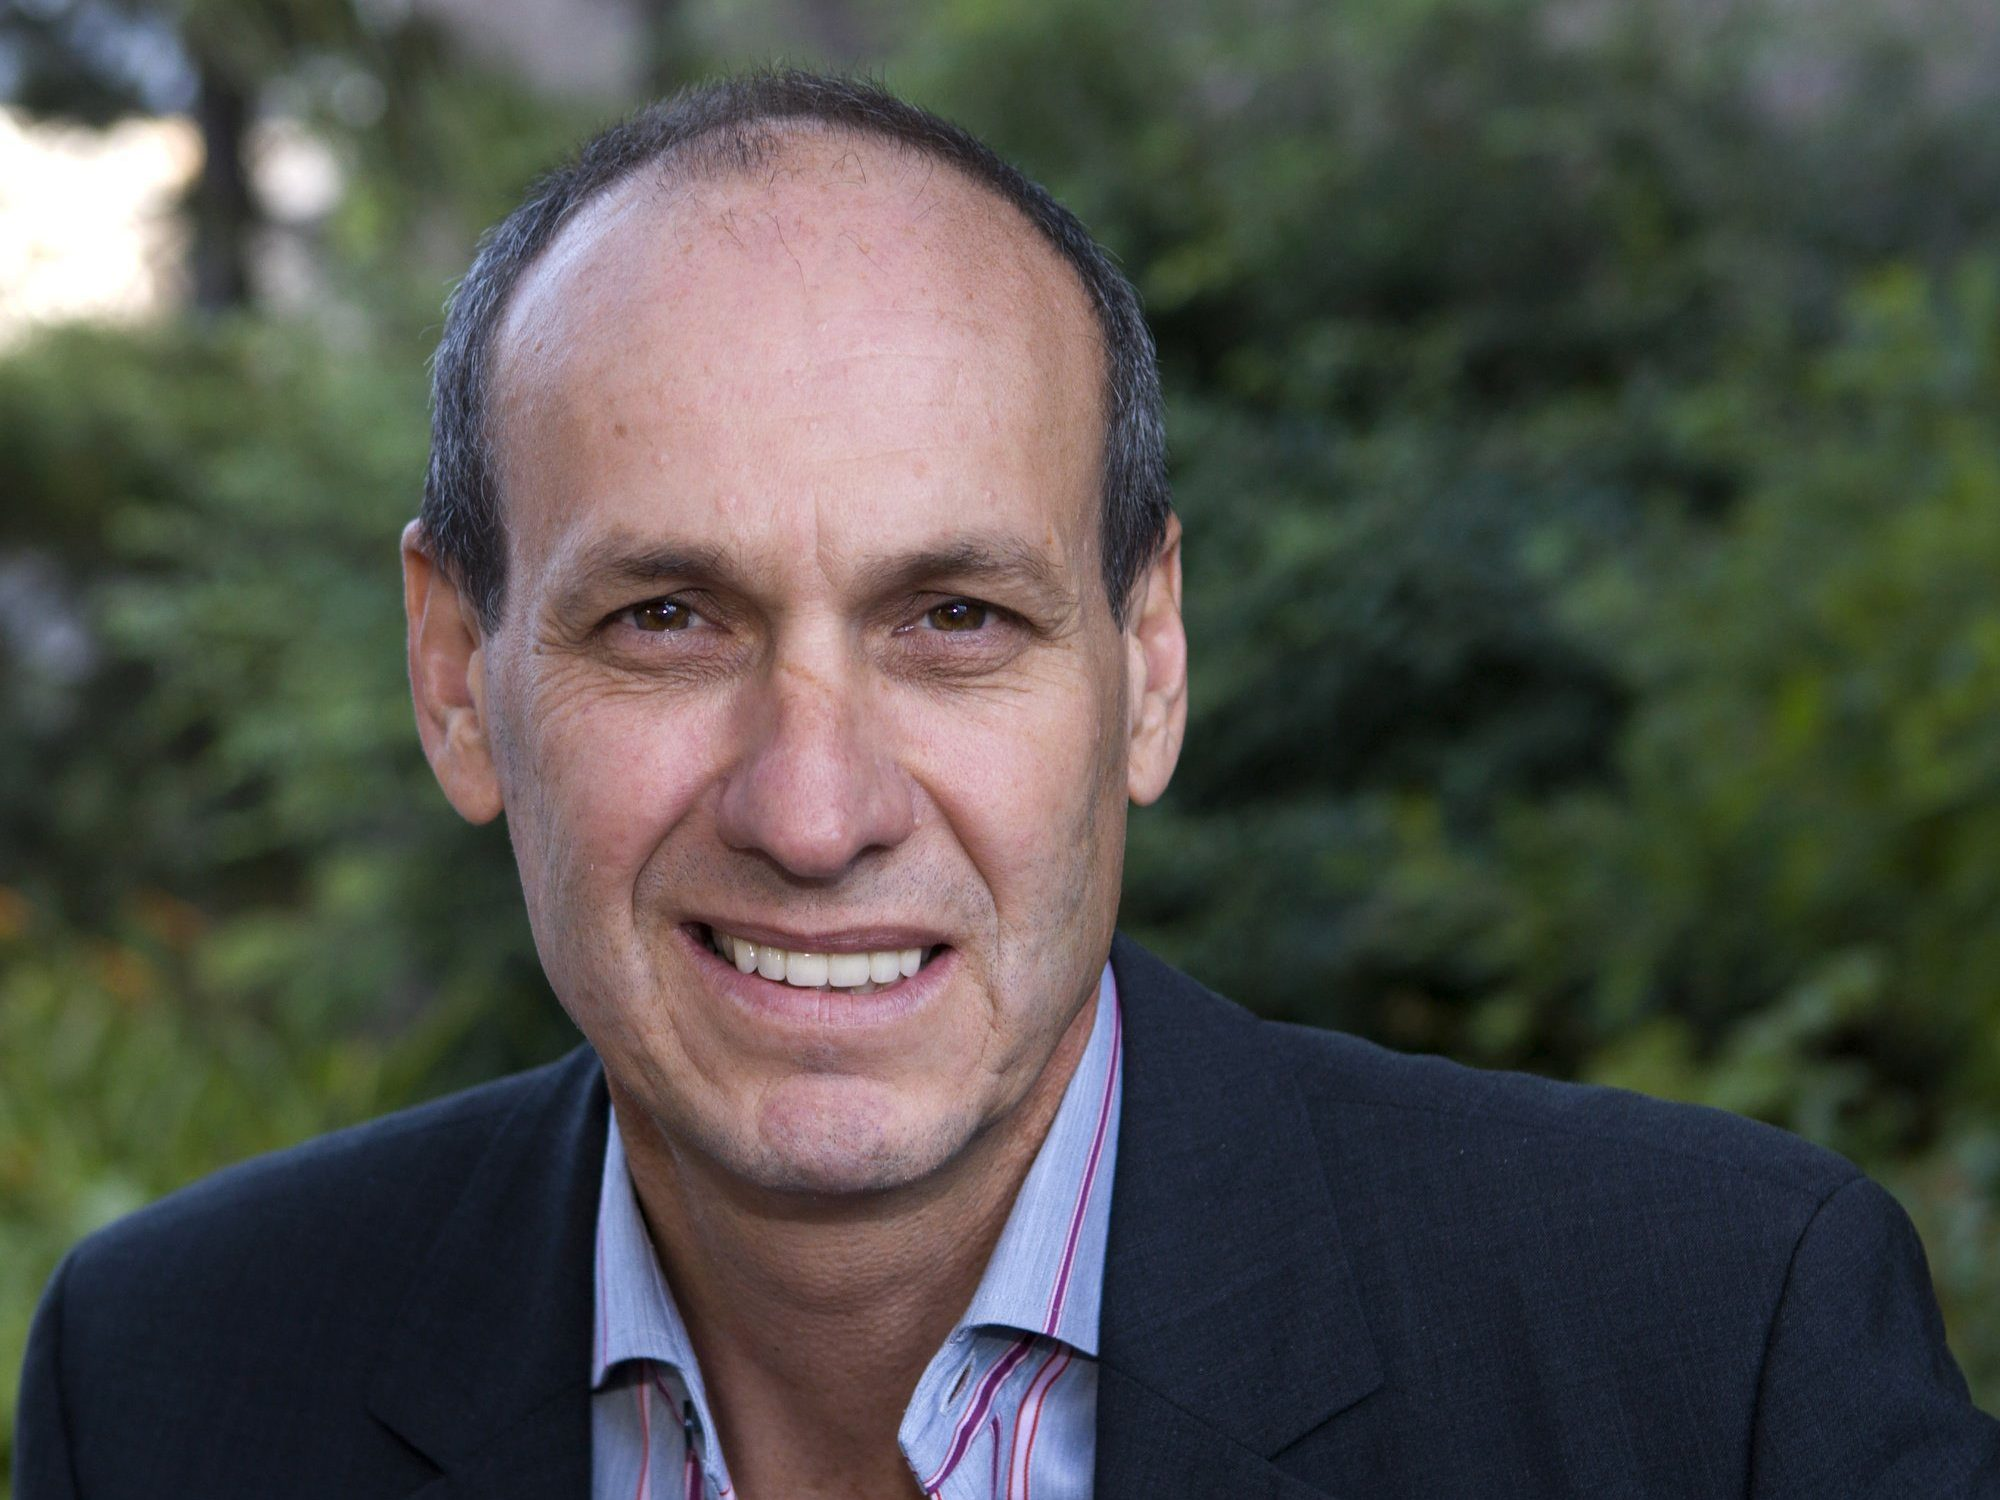 En 12e position : Alain Gravel